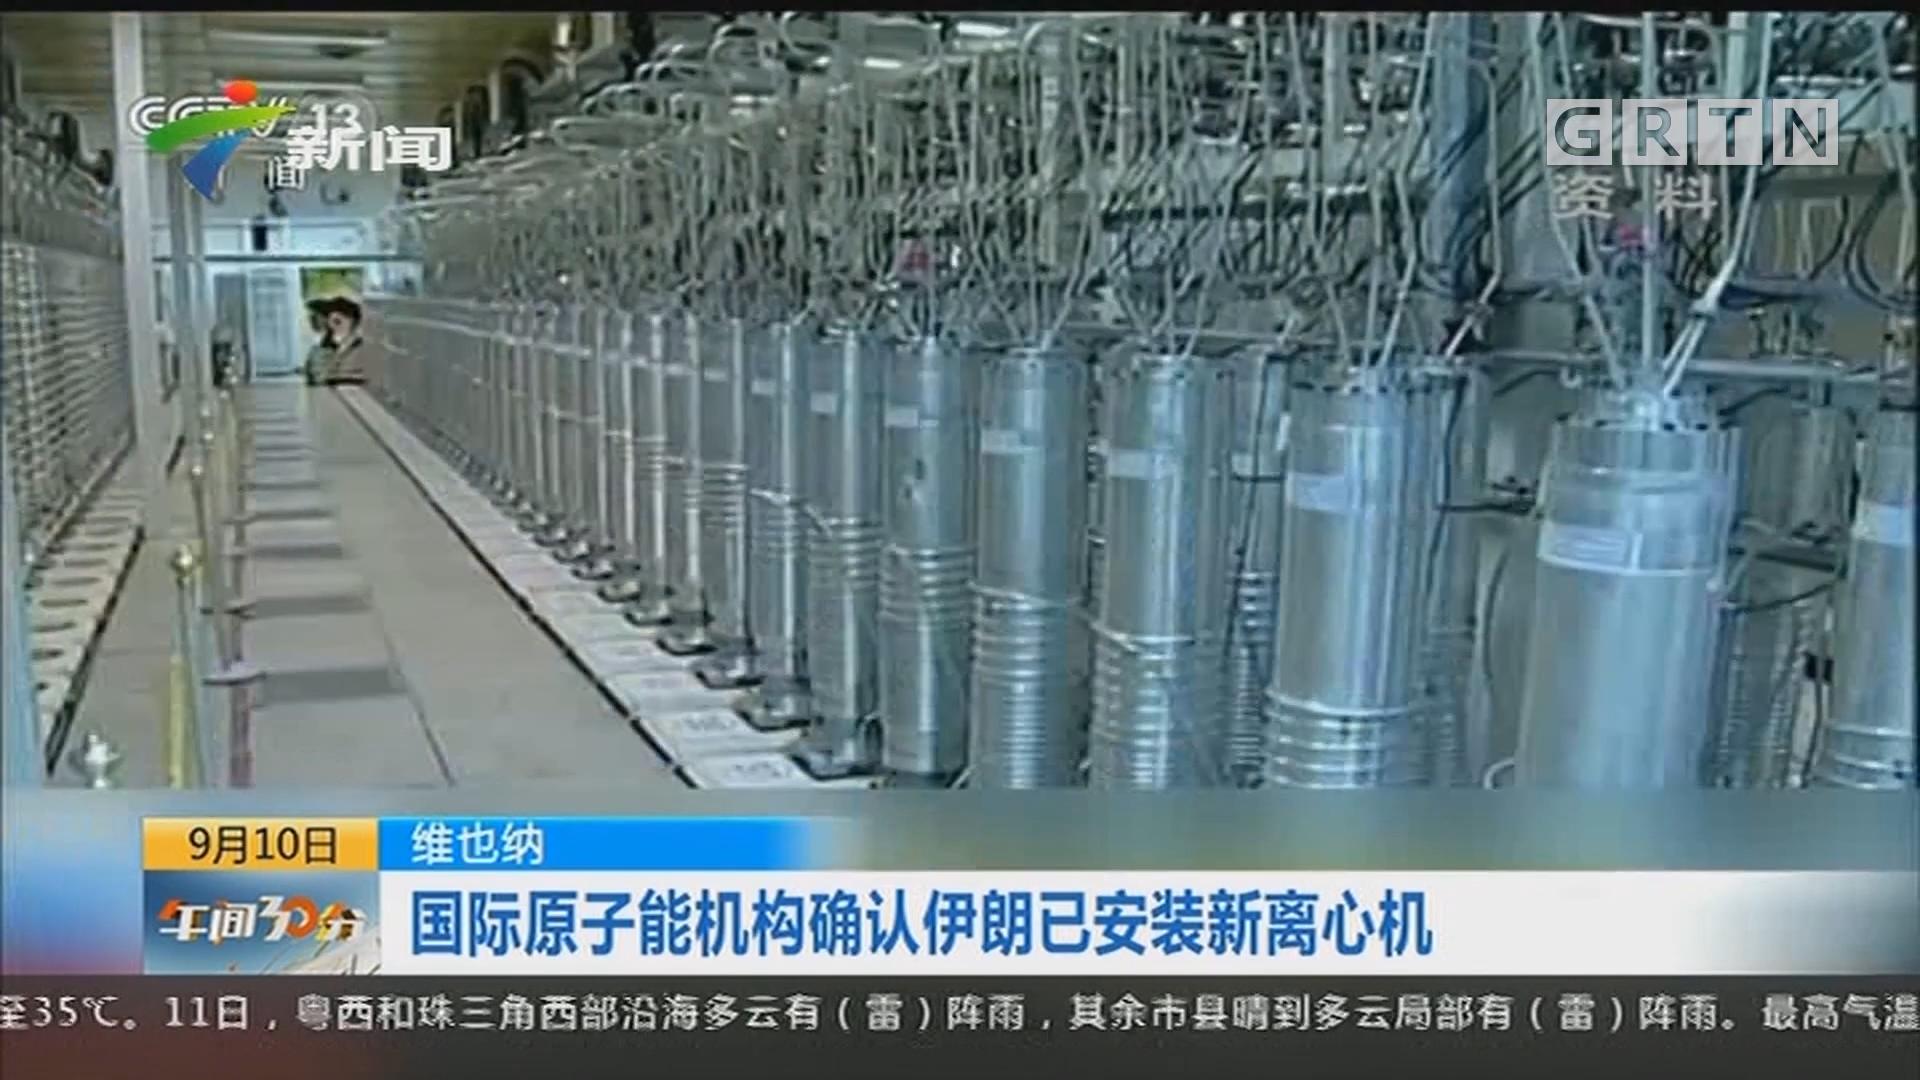 维也纳:国际原子能机构确认伊朗已安装新离心机